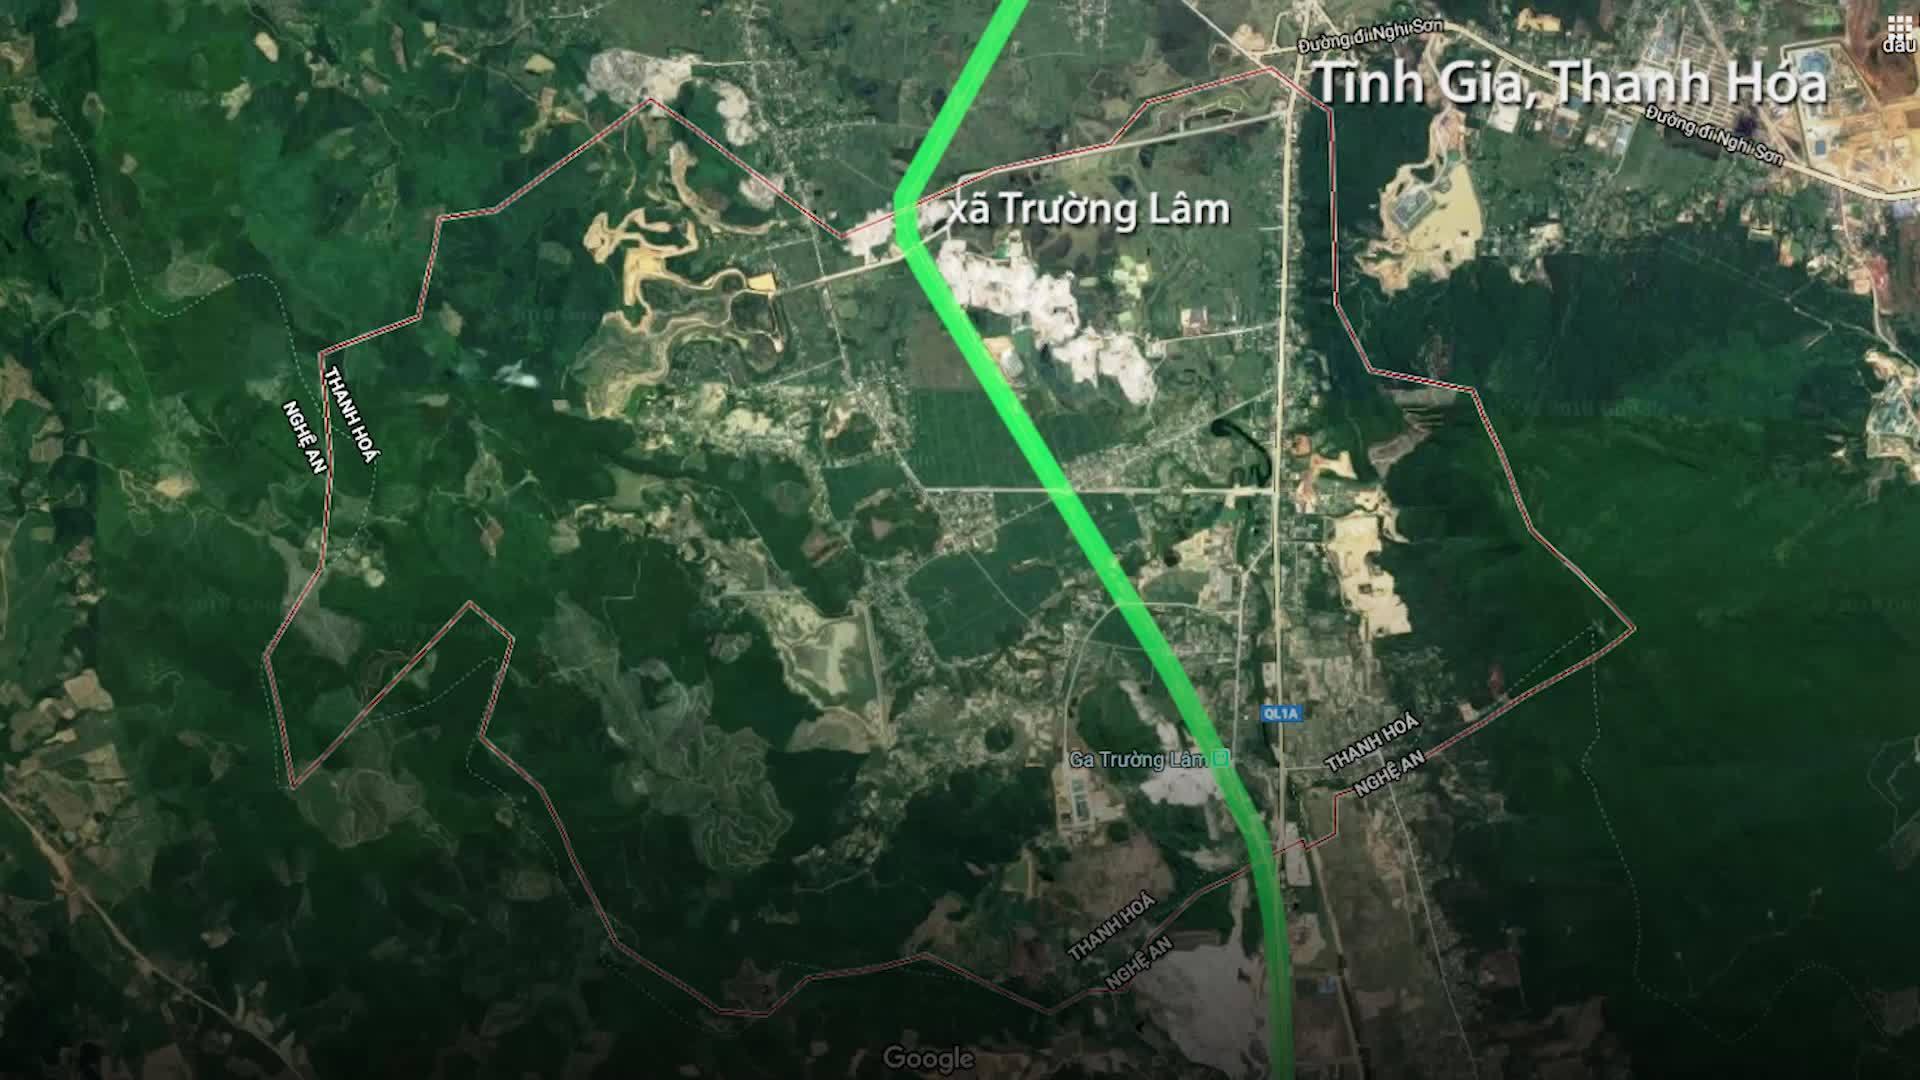 Đường sắt Bắc Nam tê liệt do tai nạn lật tàu ở Thanh Hóa